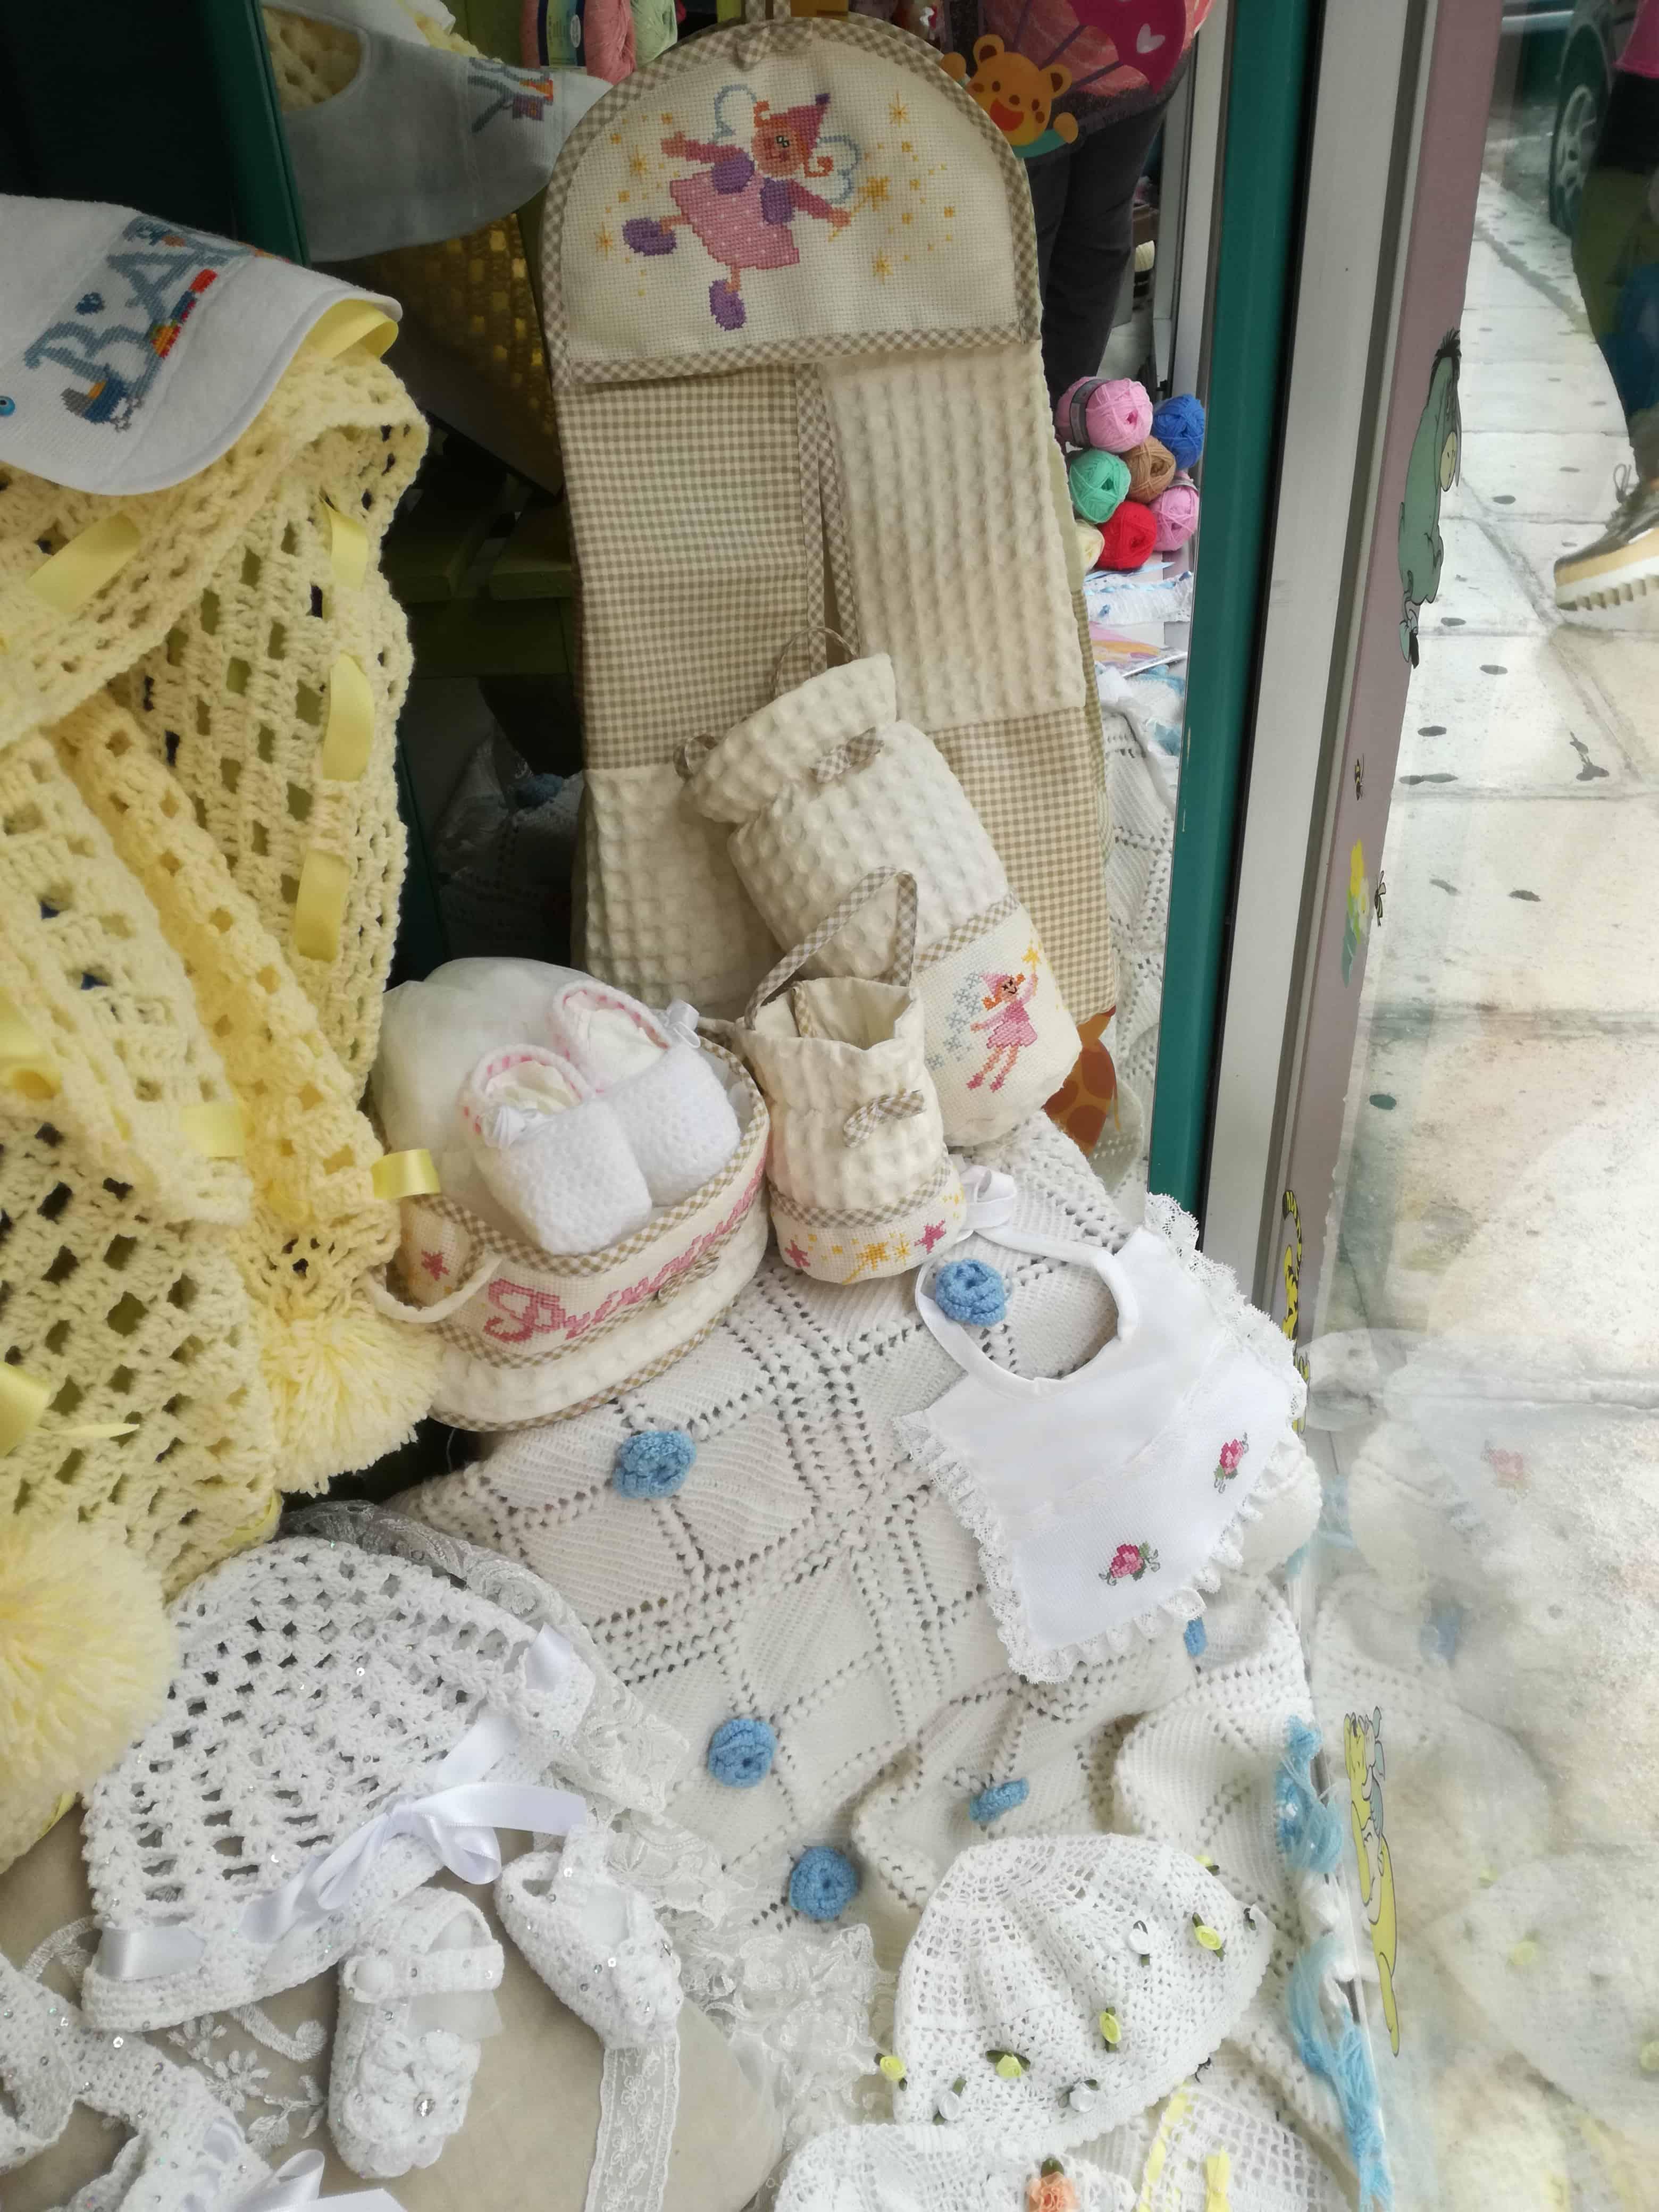 Κακλαμάνης - Μαρία Τζαβάρα: Υλικά ραπτικής & πλεξίματος από το 1950 4